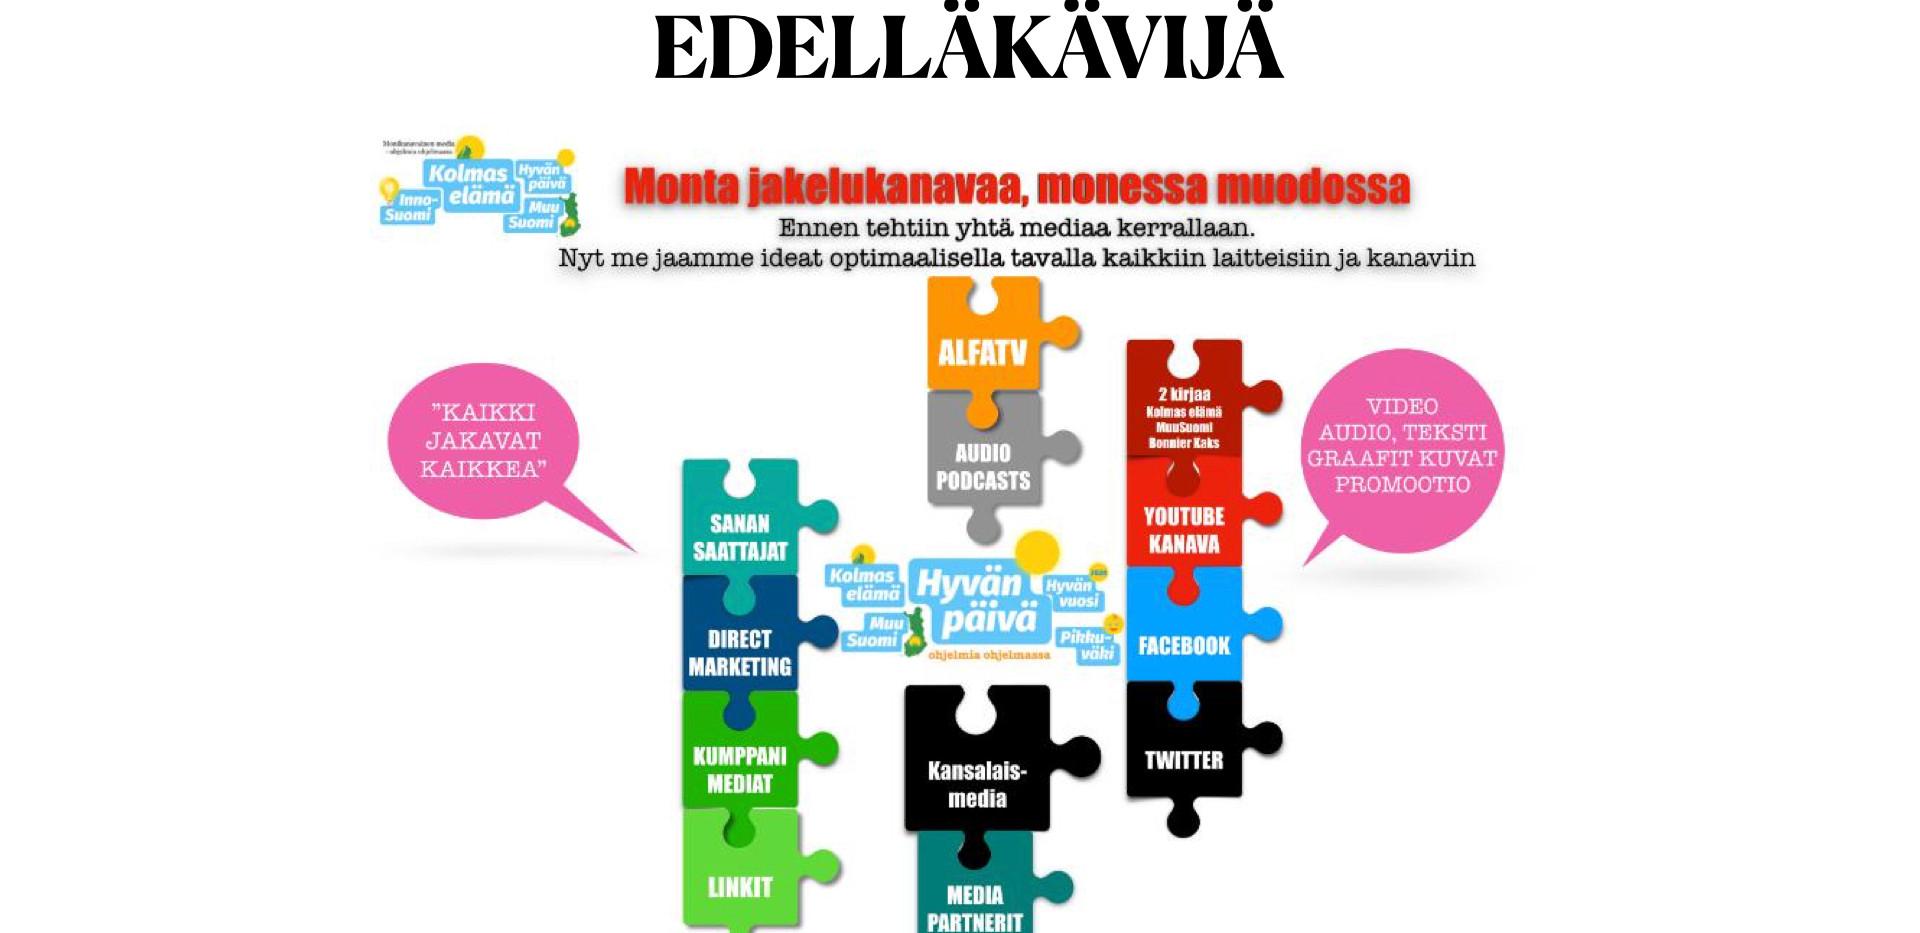 OLEMME MONIKANAVA MULTIMEDIA